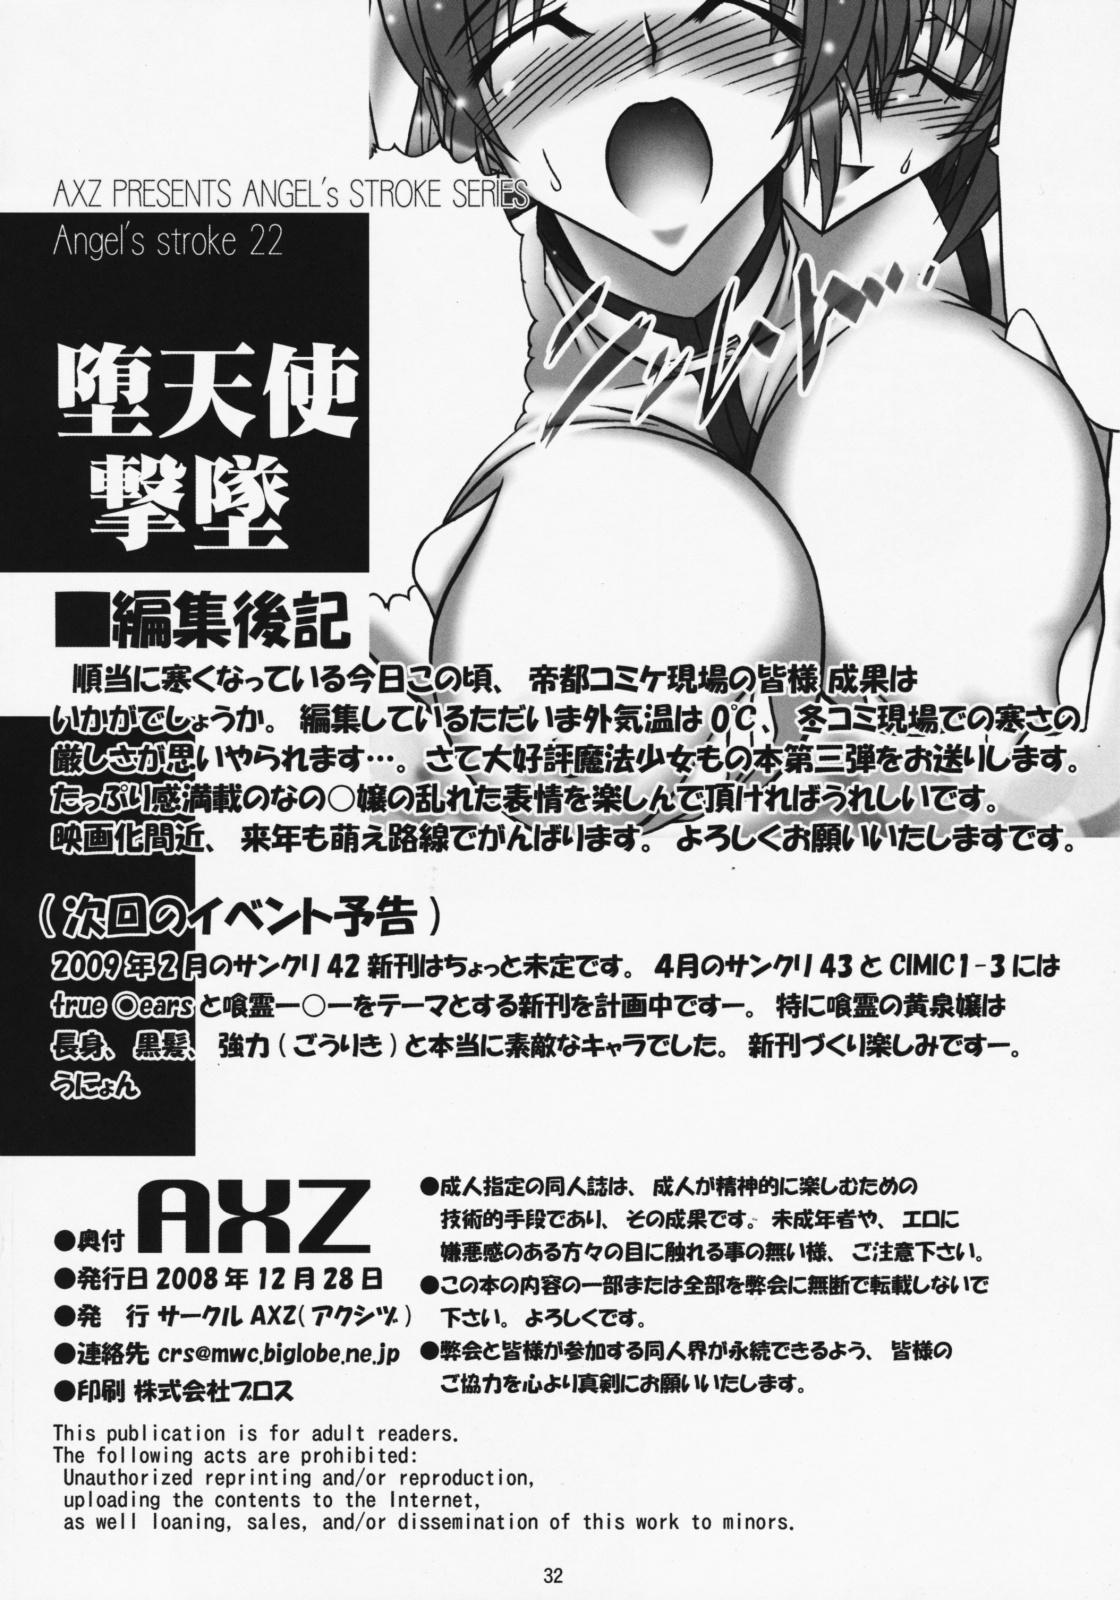 Angel's stroke 22 Datenshi Gekitsui 32